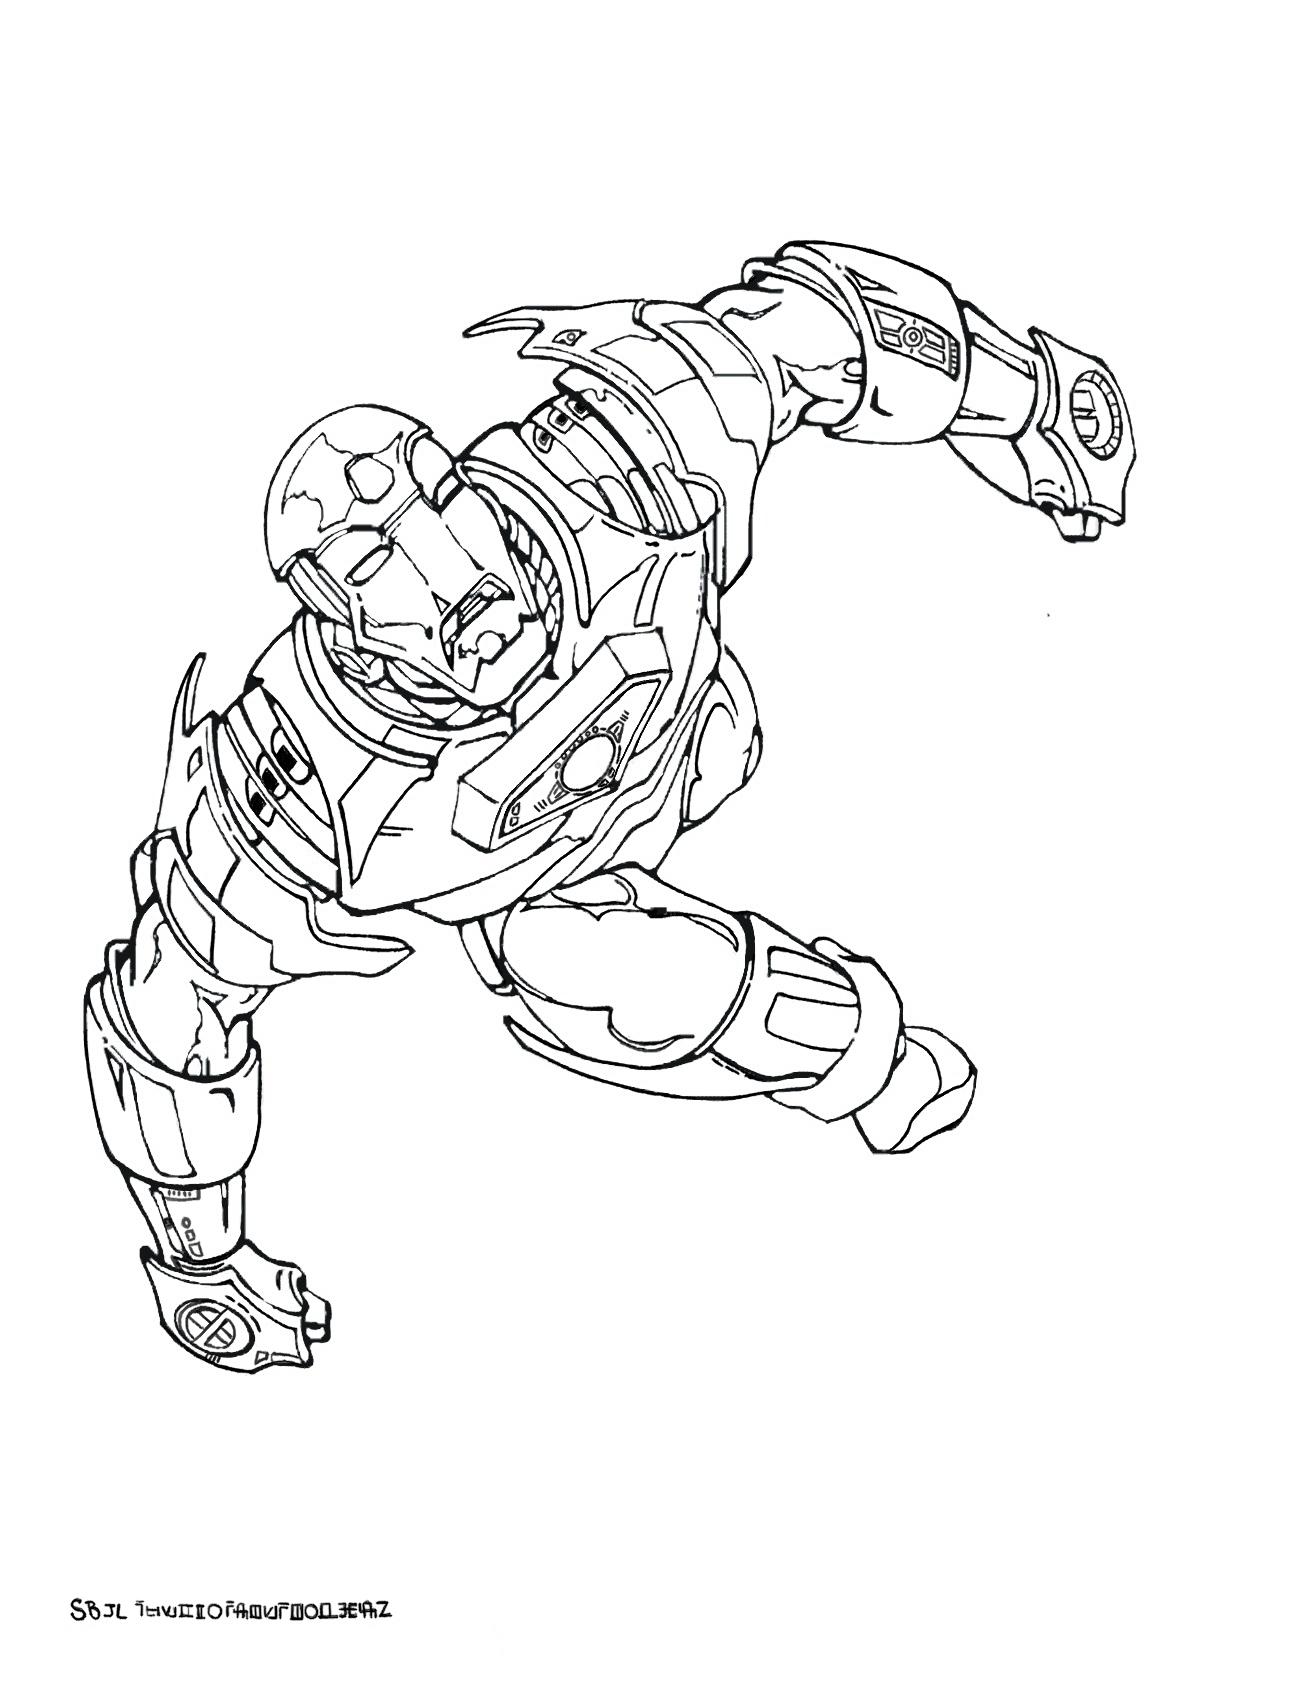 Nos Jeux De Coloriage Iron Man À Imprimer Gratuit - Page 2 avec Dessin A Colorier Gratuit Iron Man